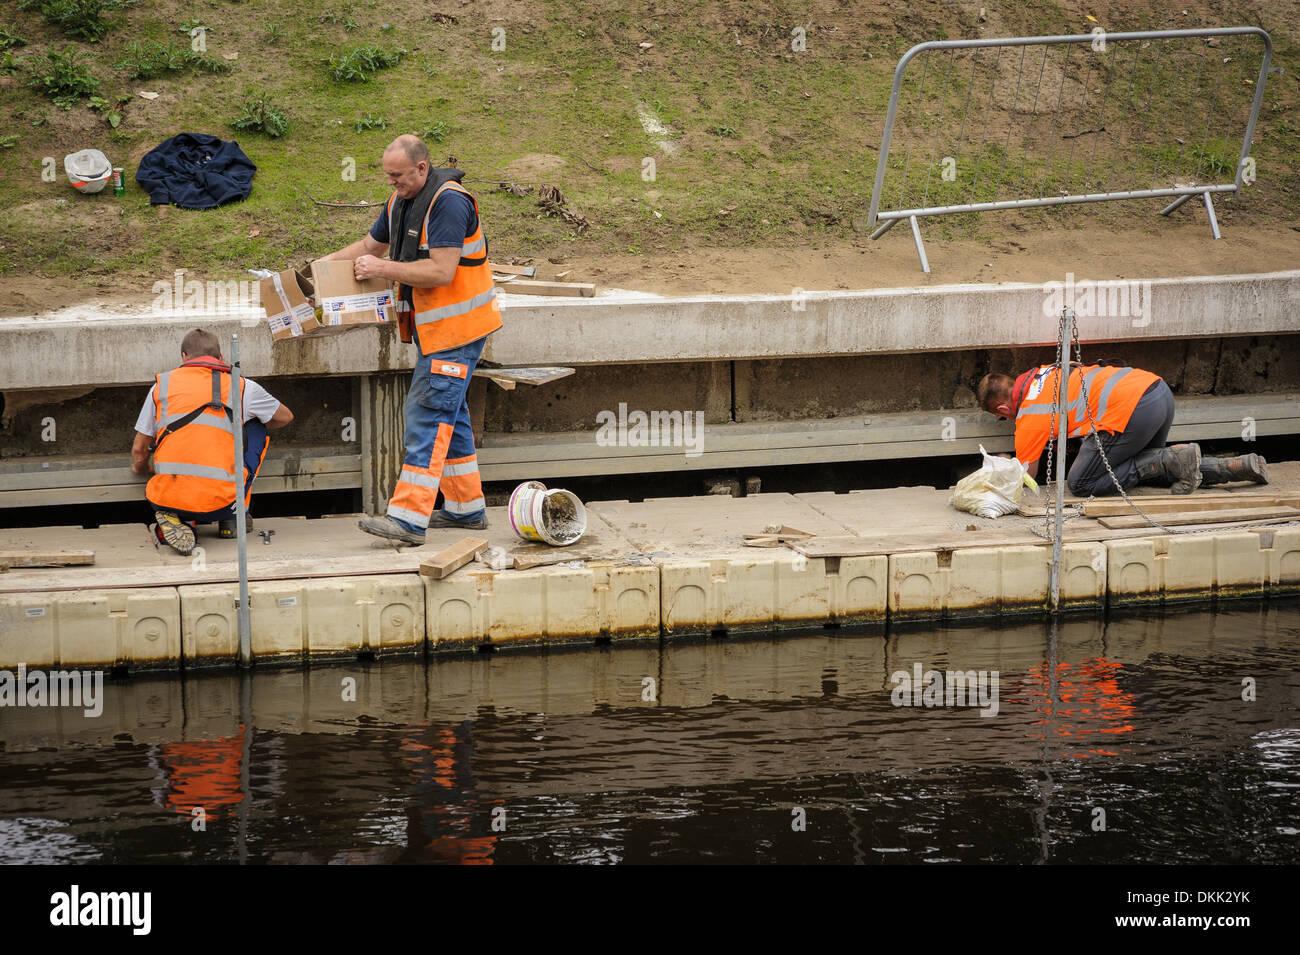 Drei Arbeiter arbeiten Männer bei der Arbeit tragen orange hi-Vis Westen, Inspektion oder Wartung eine konkrete Stockfoto